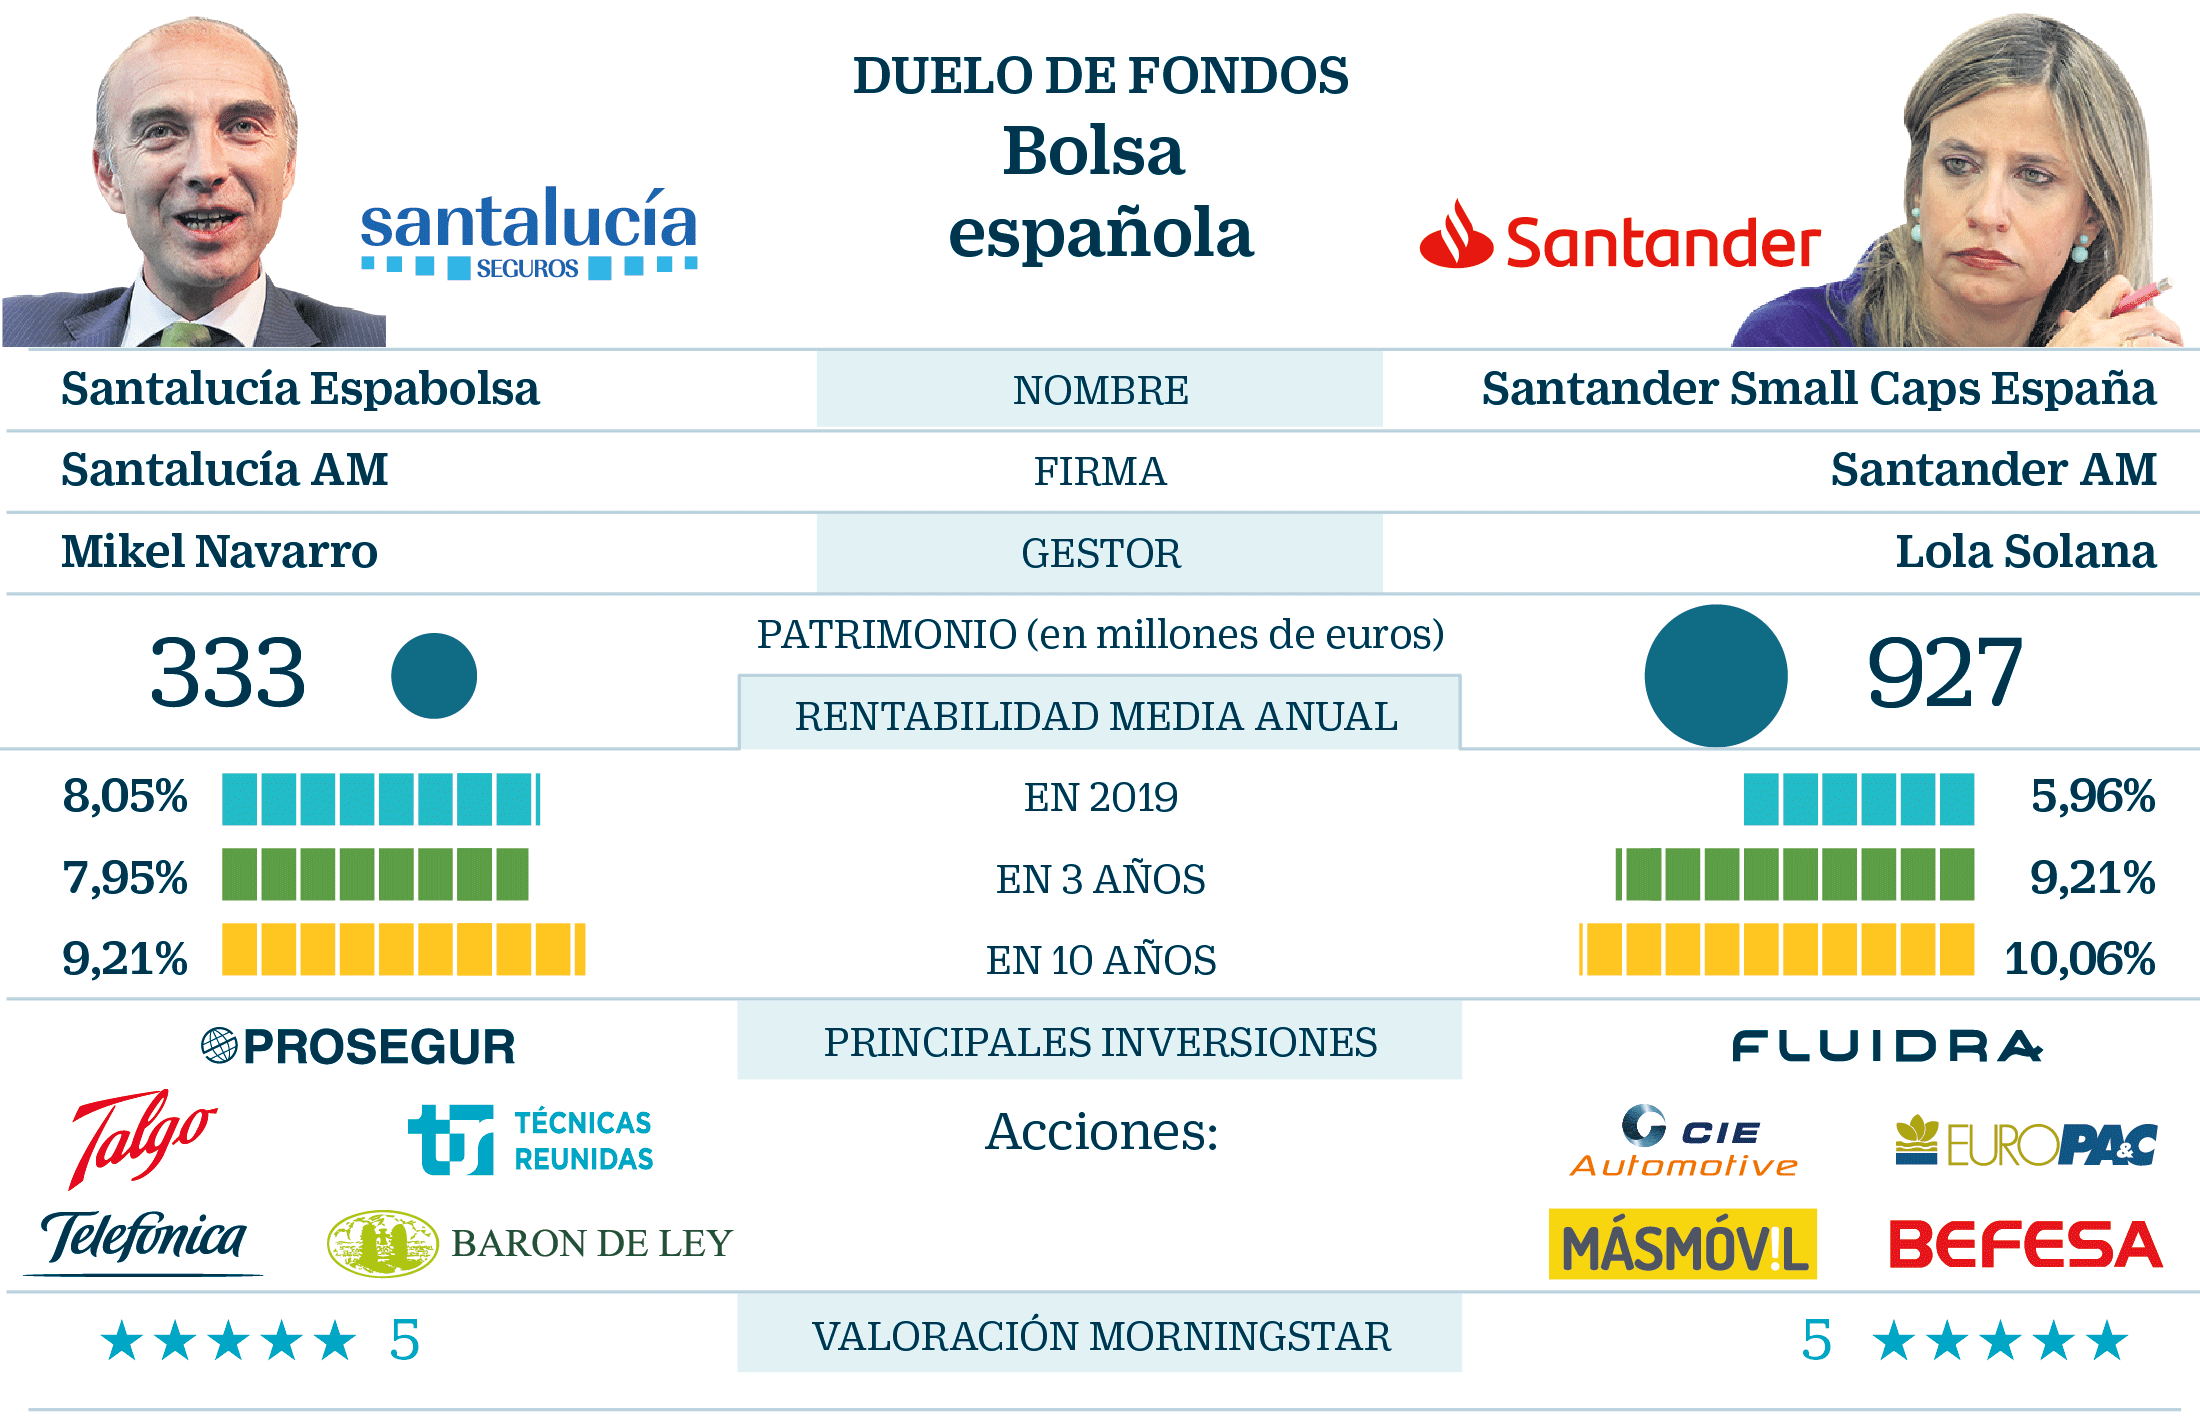 Mejor gestora fondos espana